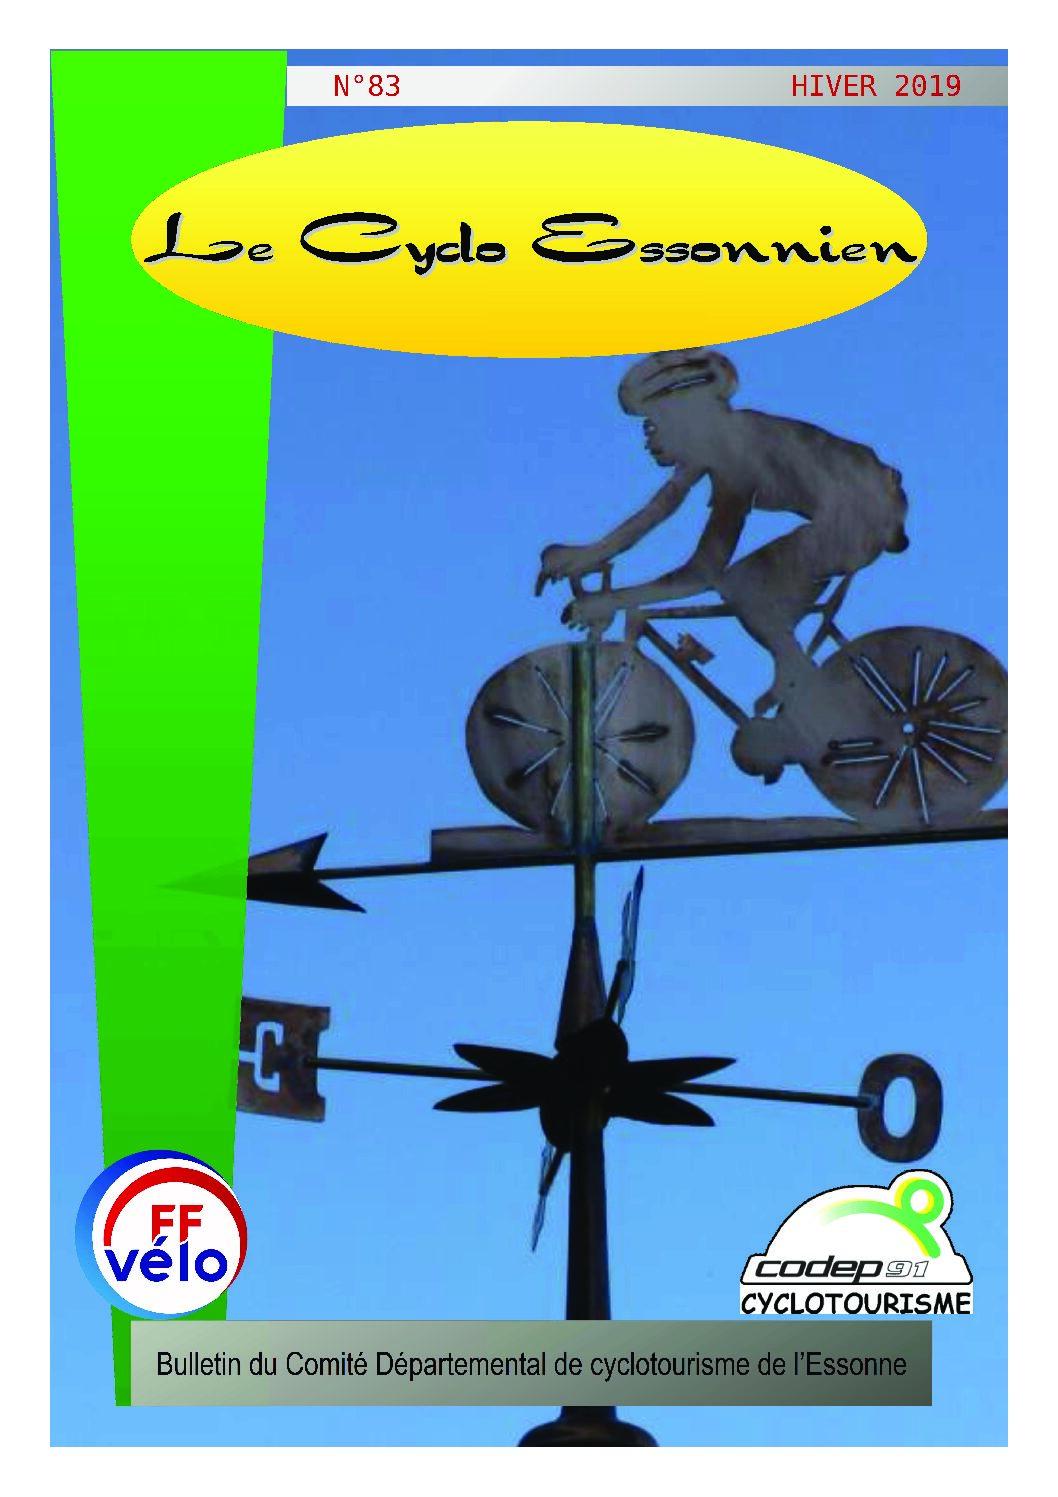 Le Cyclo Essonnien n°83